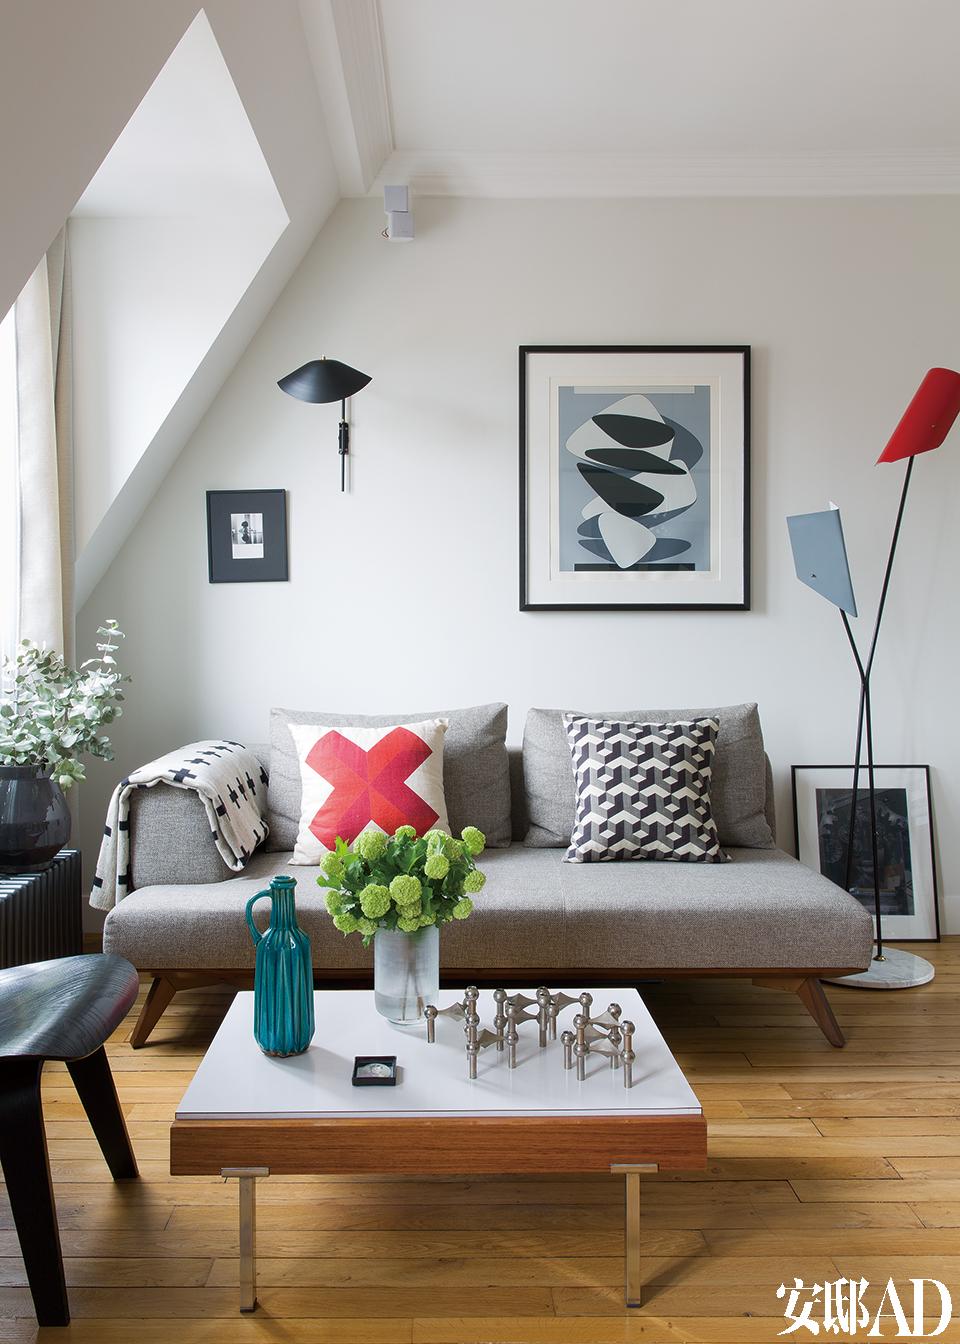 客厅中,挂画与灯饰搭配得天衣无缝。灰色布面的Sequoia沙发来自Steiner,沙发上的Santorin Rouge红十字架图案抱枕和Marrakech黑白立体图案抱枕都来自Rouge duRhin ,沙发扶手上的十字架图案盖毯来自Pia Wallén。墙上的大幅印刷艺术品由VictorVasarely创作,和它十分搭调的壁灯是Serge Mouille的设计。工业感的Stilnovo复古落地灯来自巴黎的跳蚤市场,它拥有大理石底座和喷漆的金属灯罩,它后面的地板上立着一幅来自Alessandro Moriconi的拼贴作品《Black Shadow》。前面的茶几是20世纪50年代用Formica、花梨木材质做成的镀铬底座咖啡桌,同样来自巴黎的跳蚤市场,湖蓝色水罐购自巴黎的一间艺廊,金属烛台是20世纪60年代的斯堪的纳维亚风格。